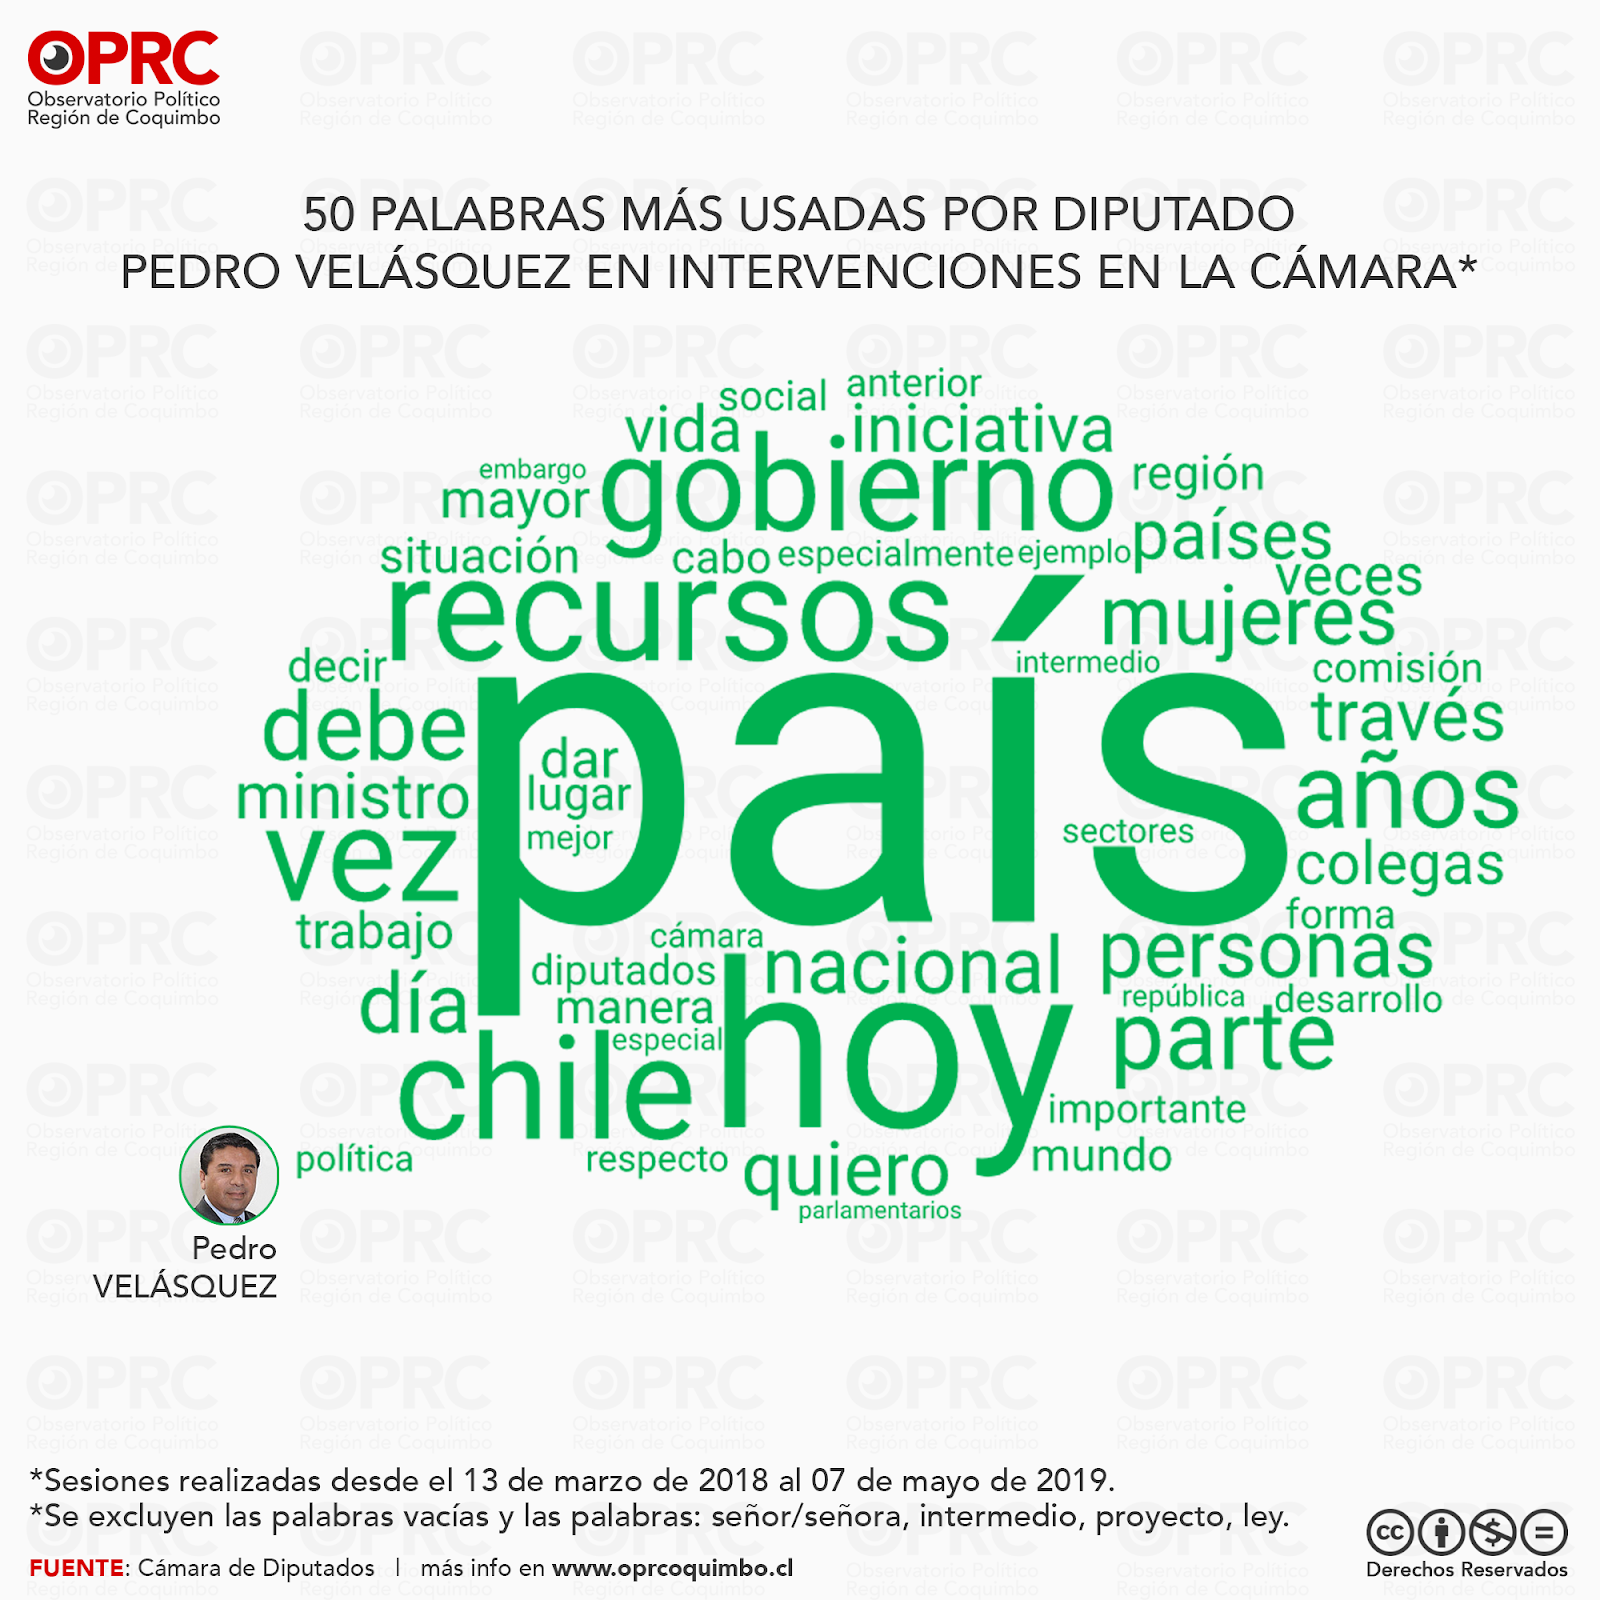 Palabras más usadas por Diputado Pedro Velásquez en intervenciones en Sala